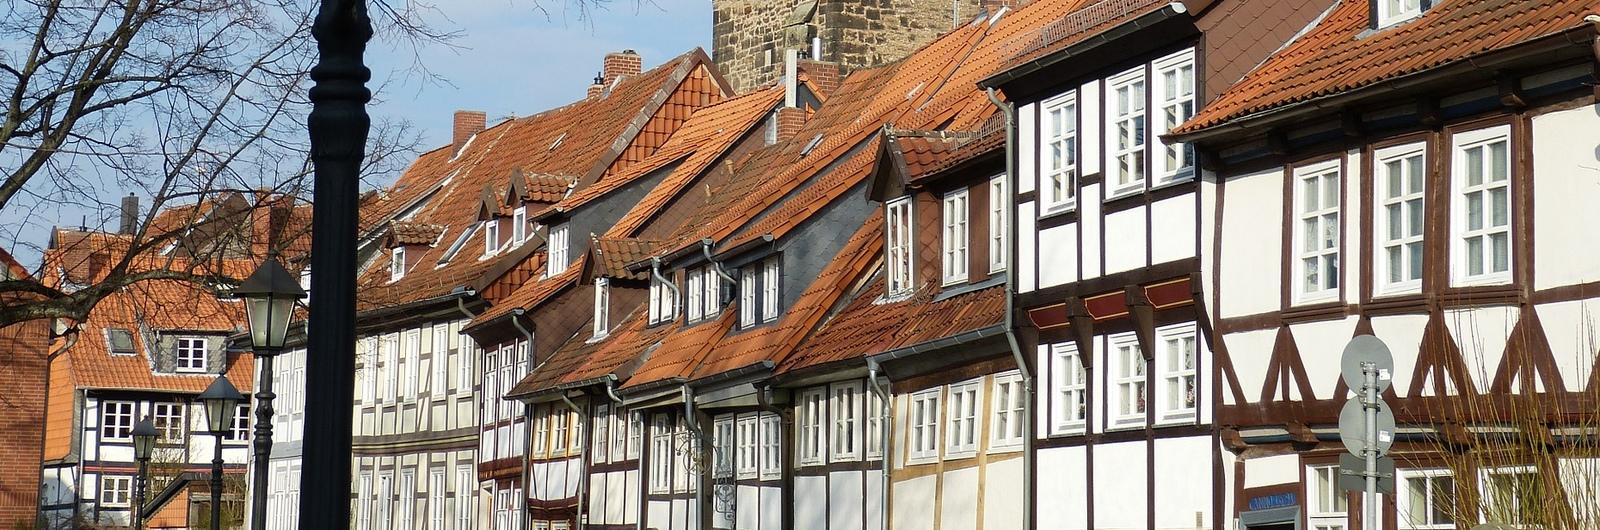 hildesheim city header